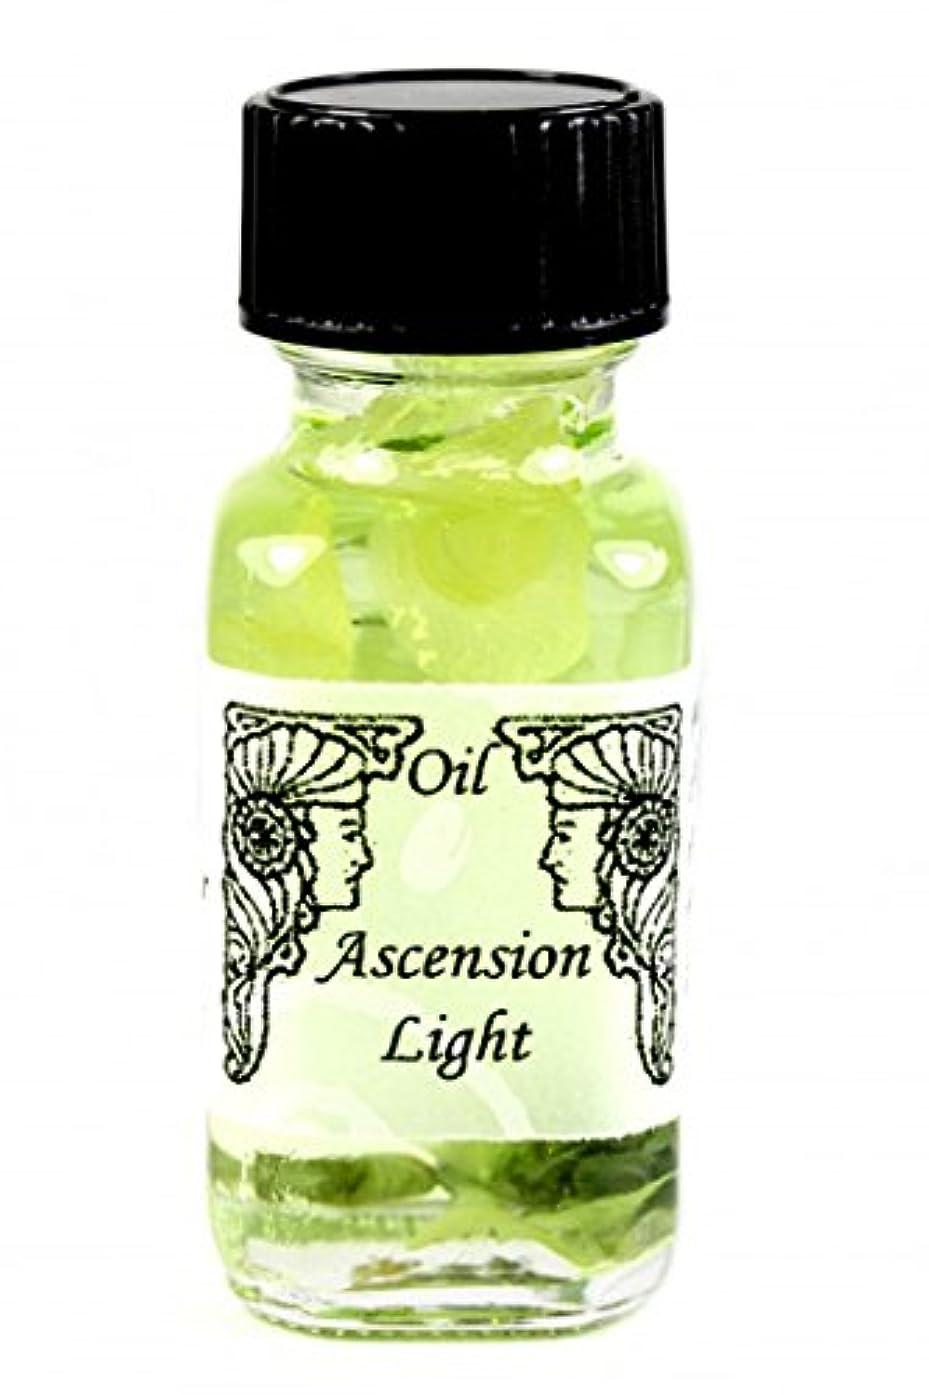 事前に押し下げるピアアンシェントメモリーオイル Ascension Light (アセンションの光)